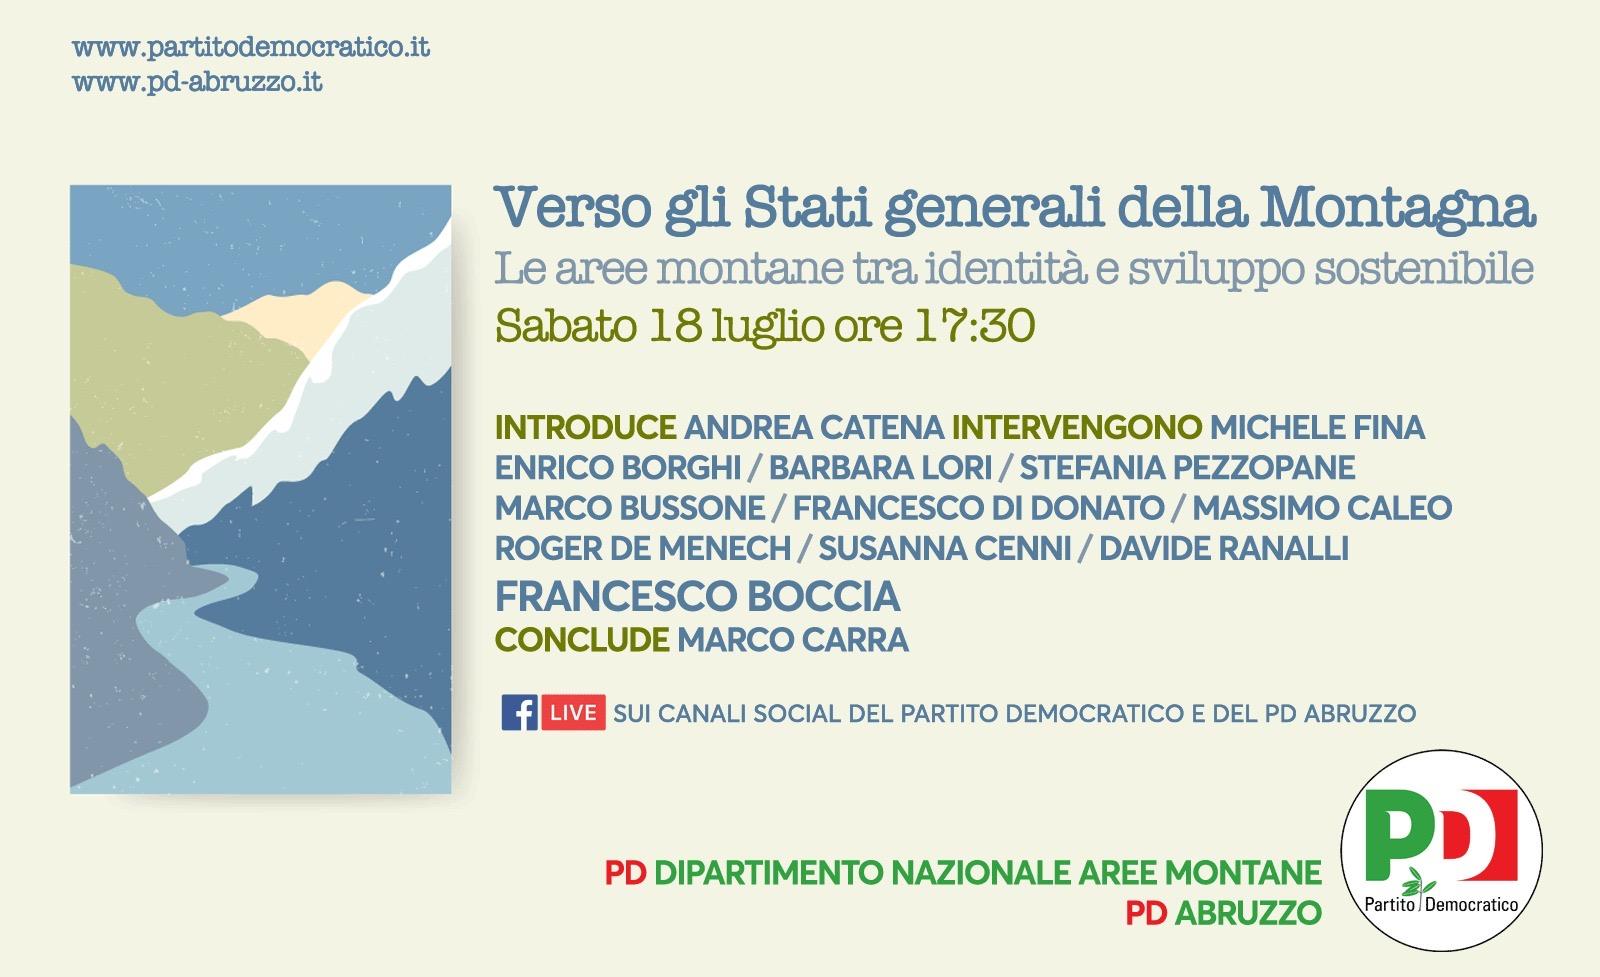 Verso gli Stati generali della montagna: sabato 18 luglio l'evento in diretta Facebook